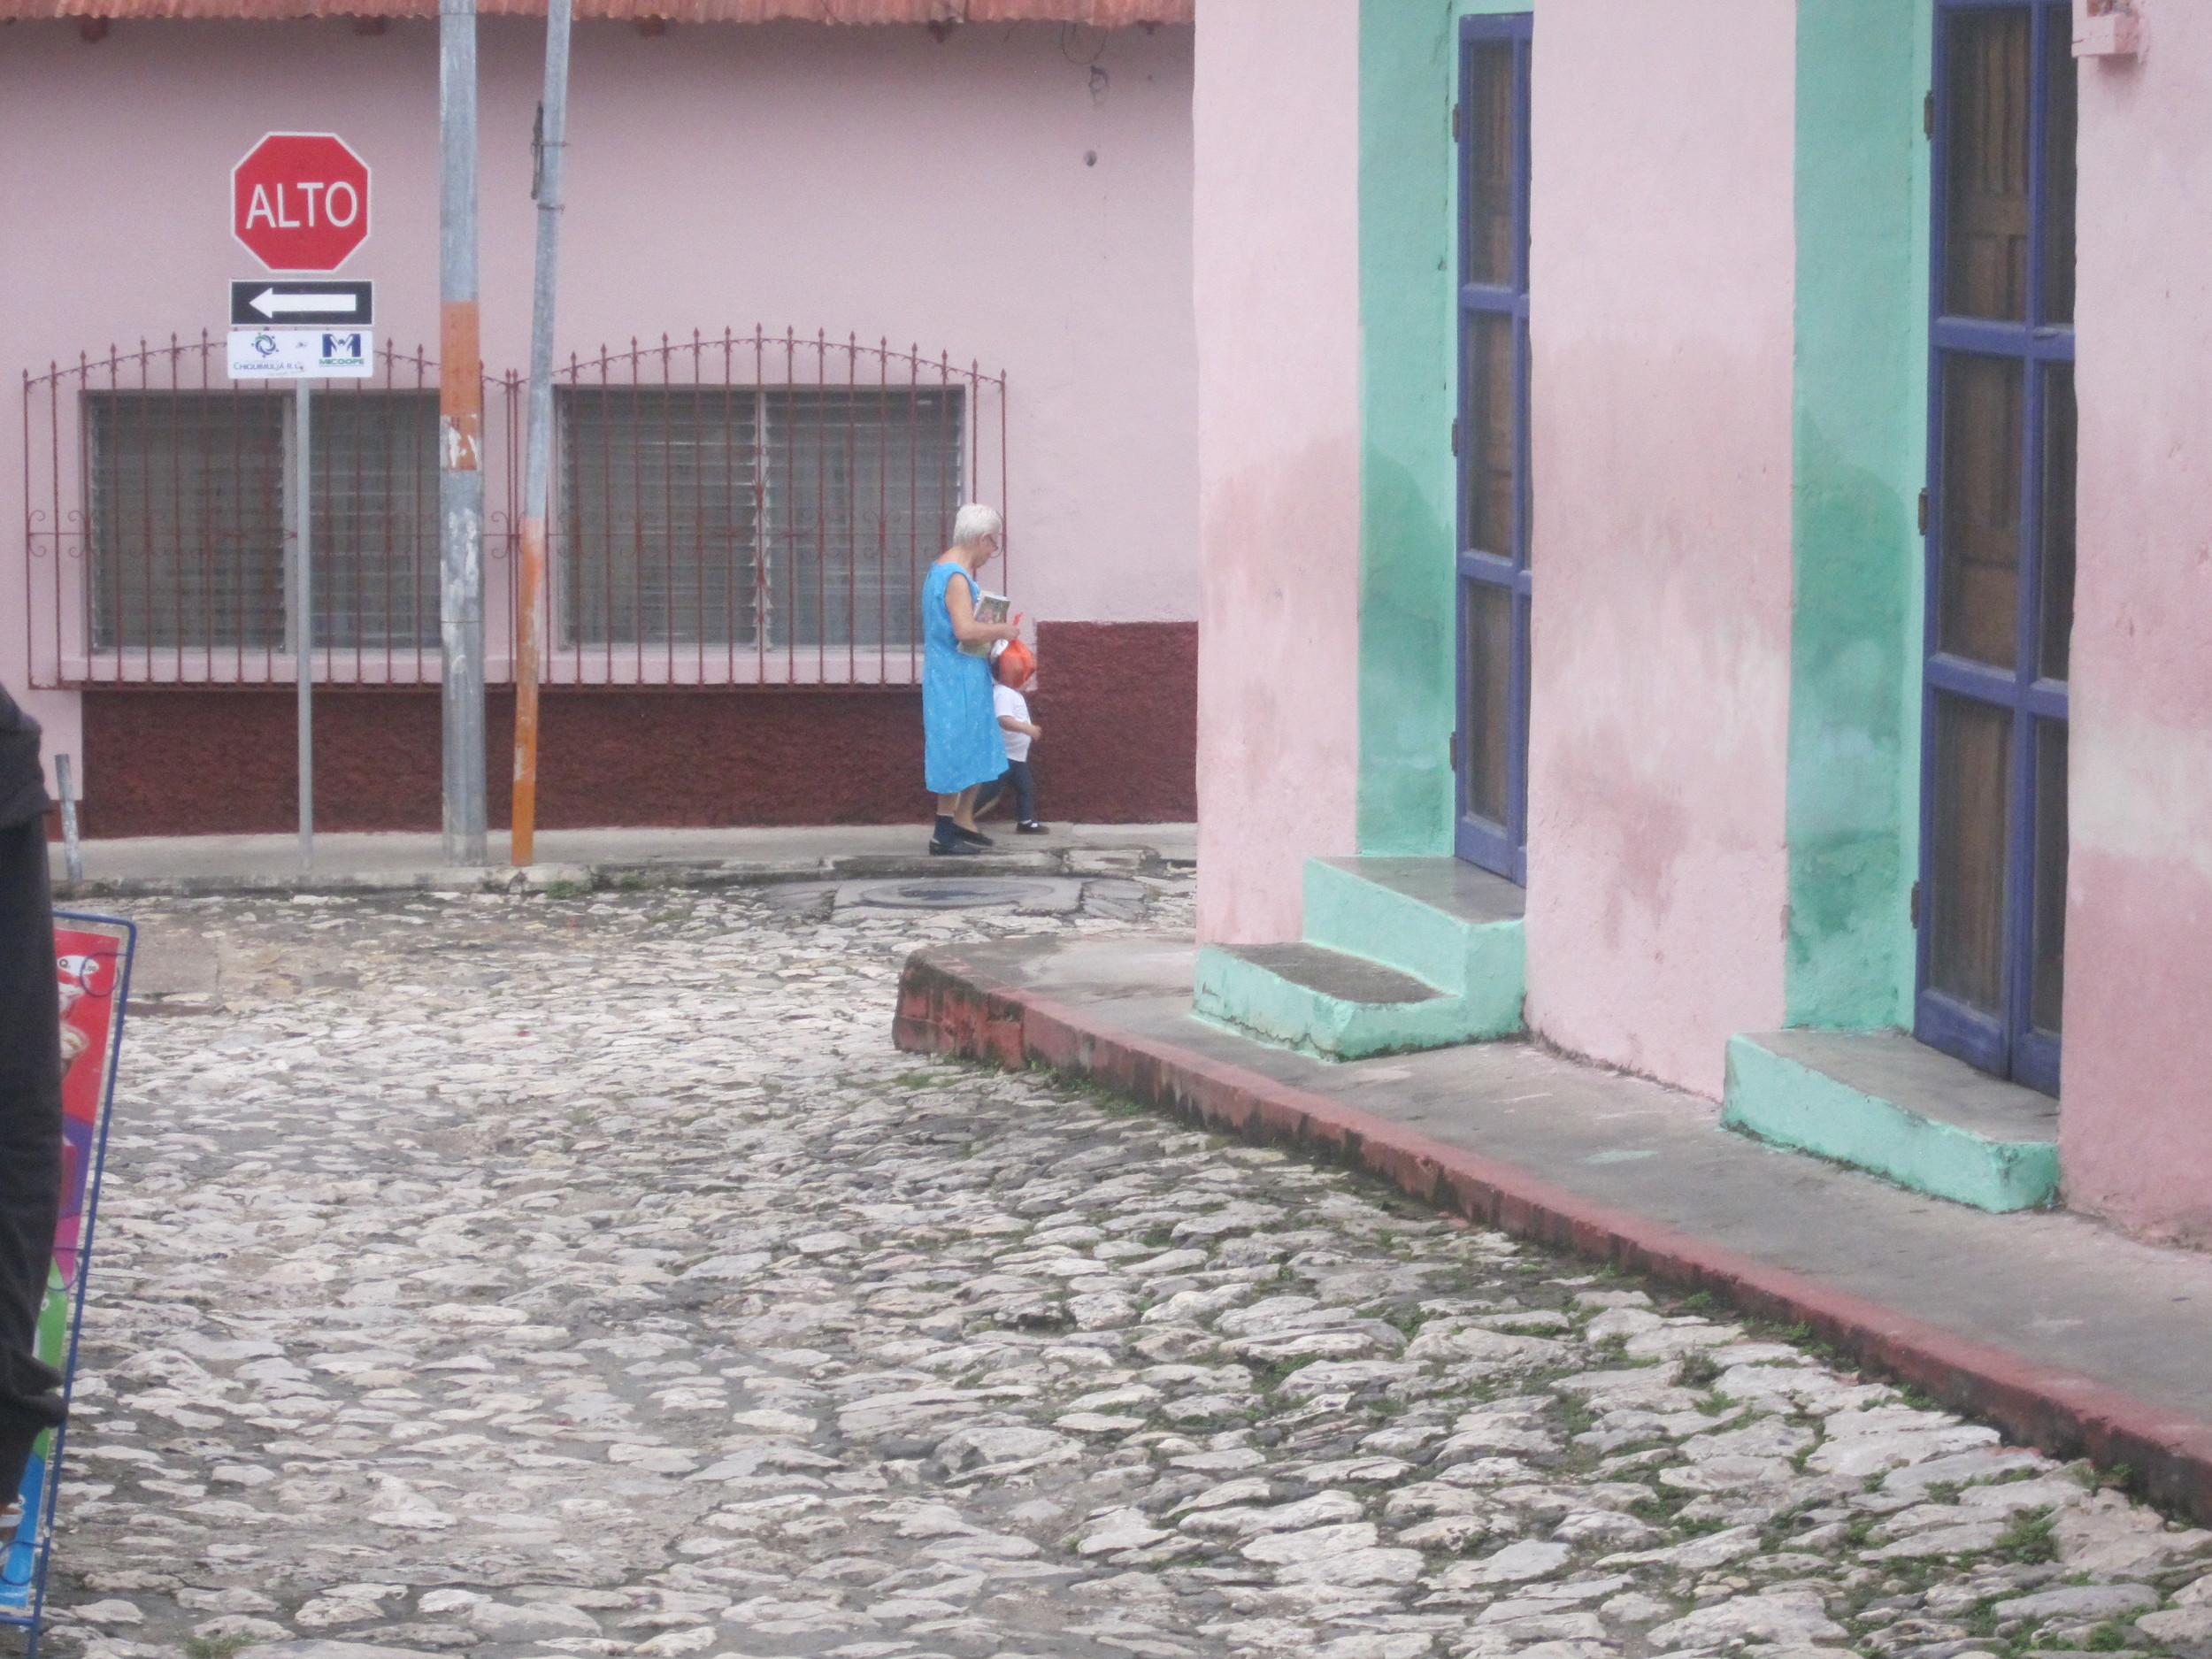 2015-01-09_Guatemala_Dylan_Pu.Ying.Huang418.JPG